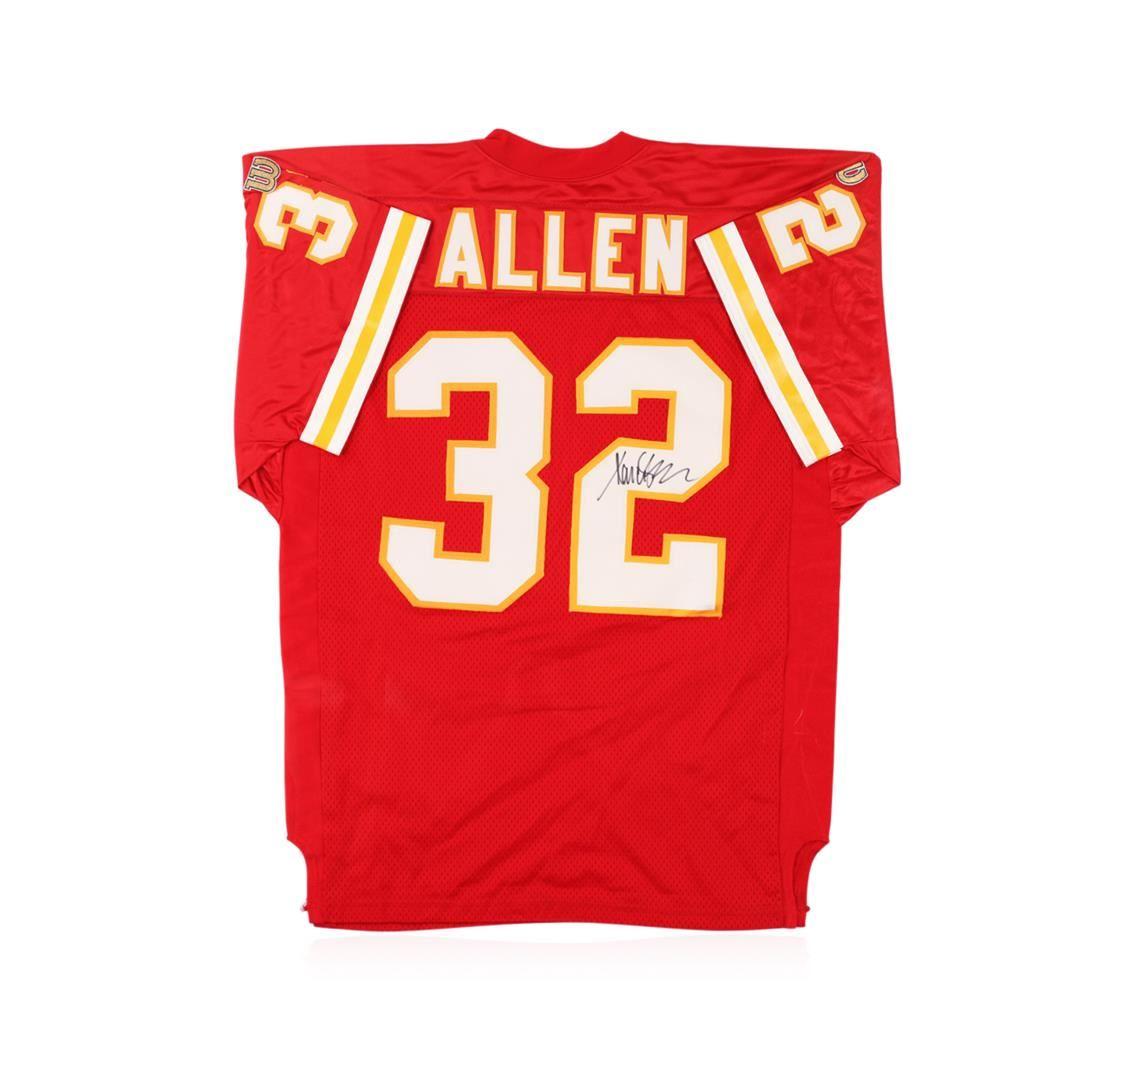 new style e87e4 e8e8d Kansas City Chiefs Marcus Allen Autographed Jersey